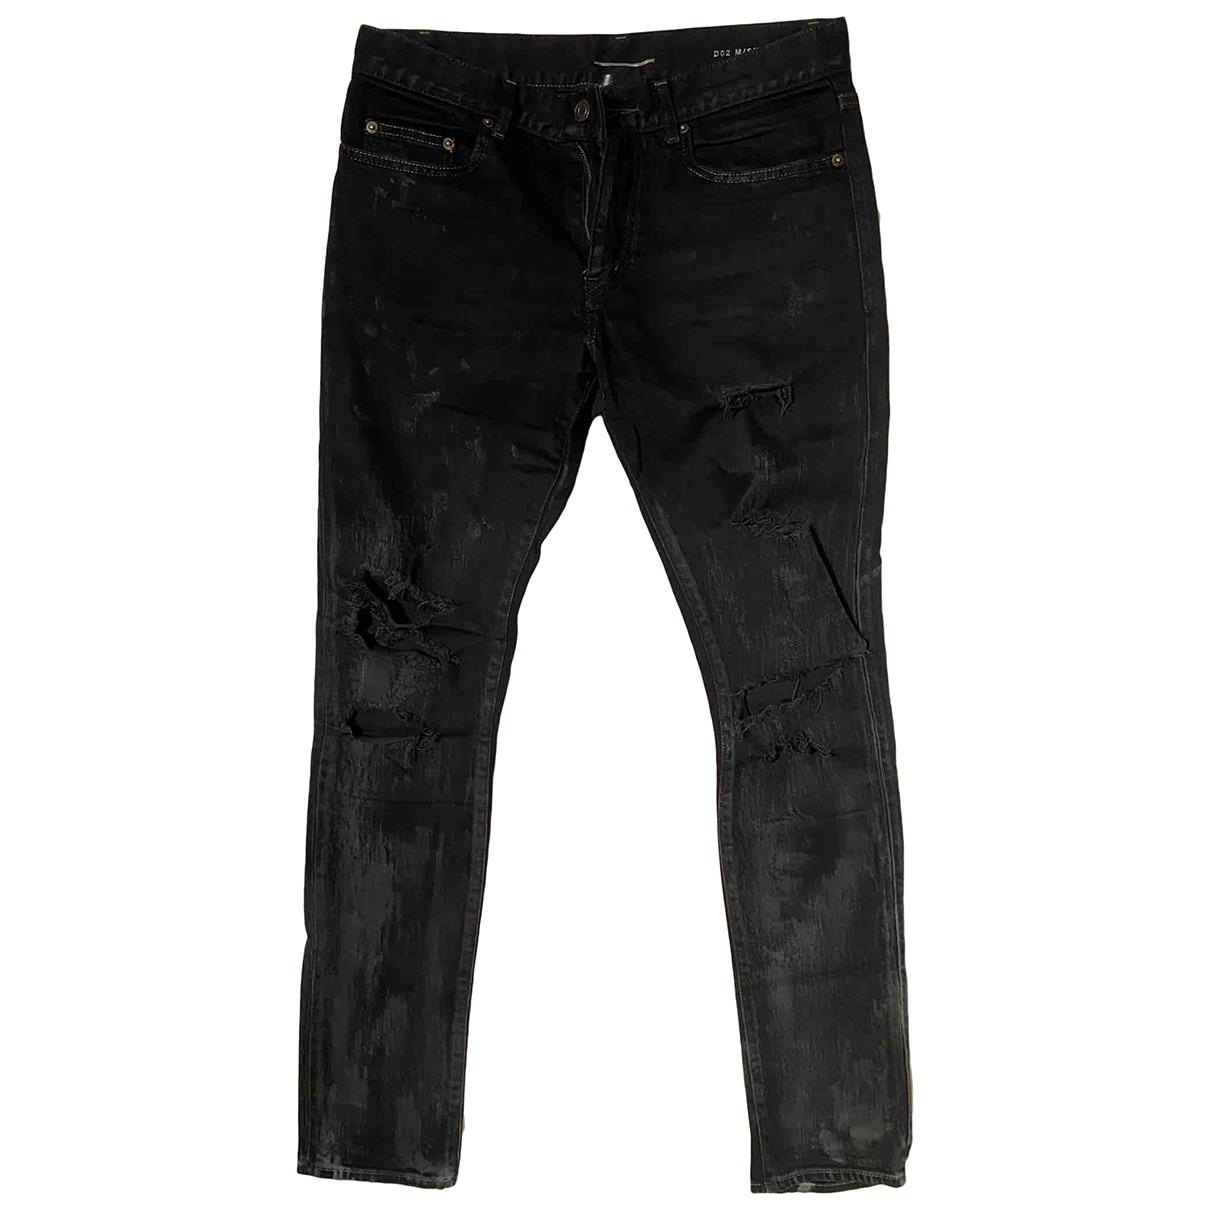 Saint Laurent \N Black Cotton - elasthane Jeans for Men 30 US